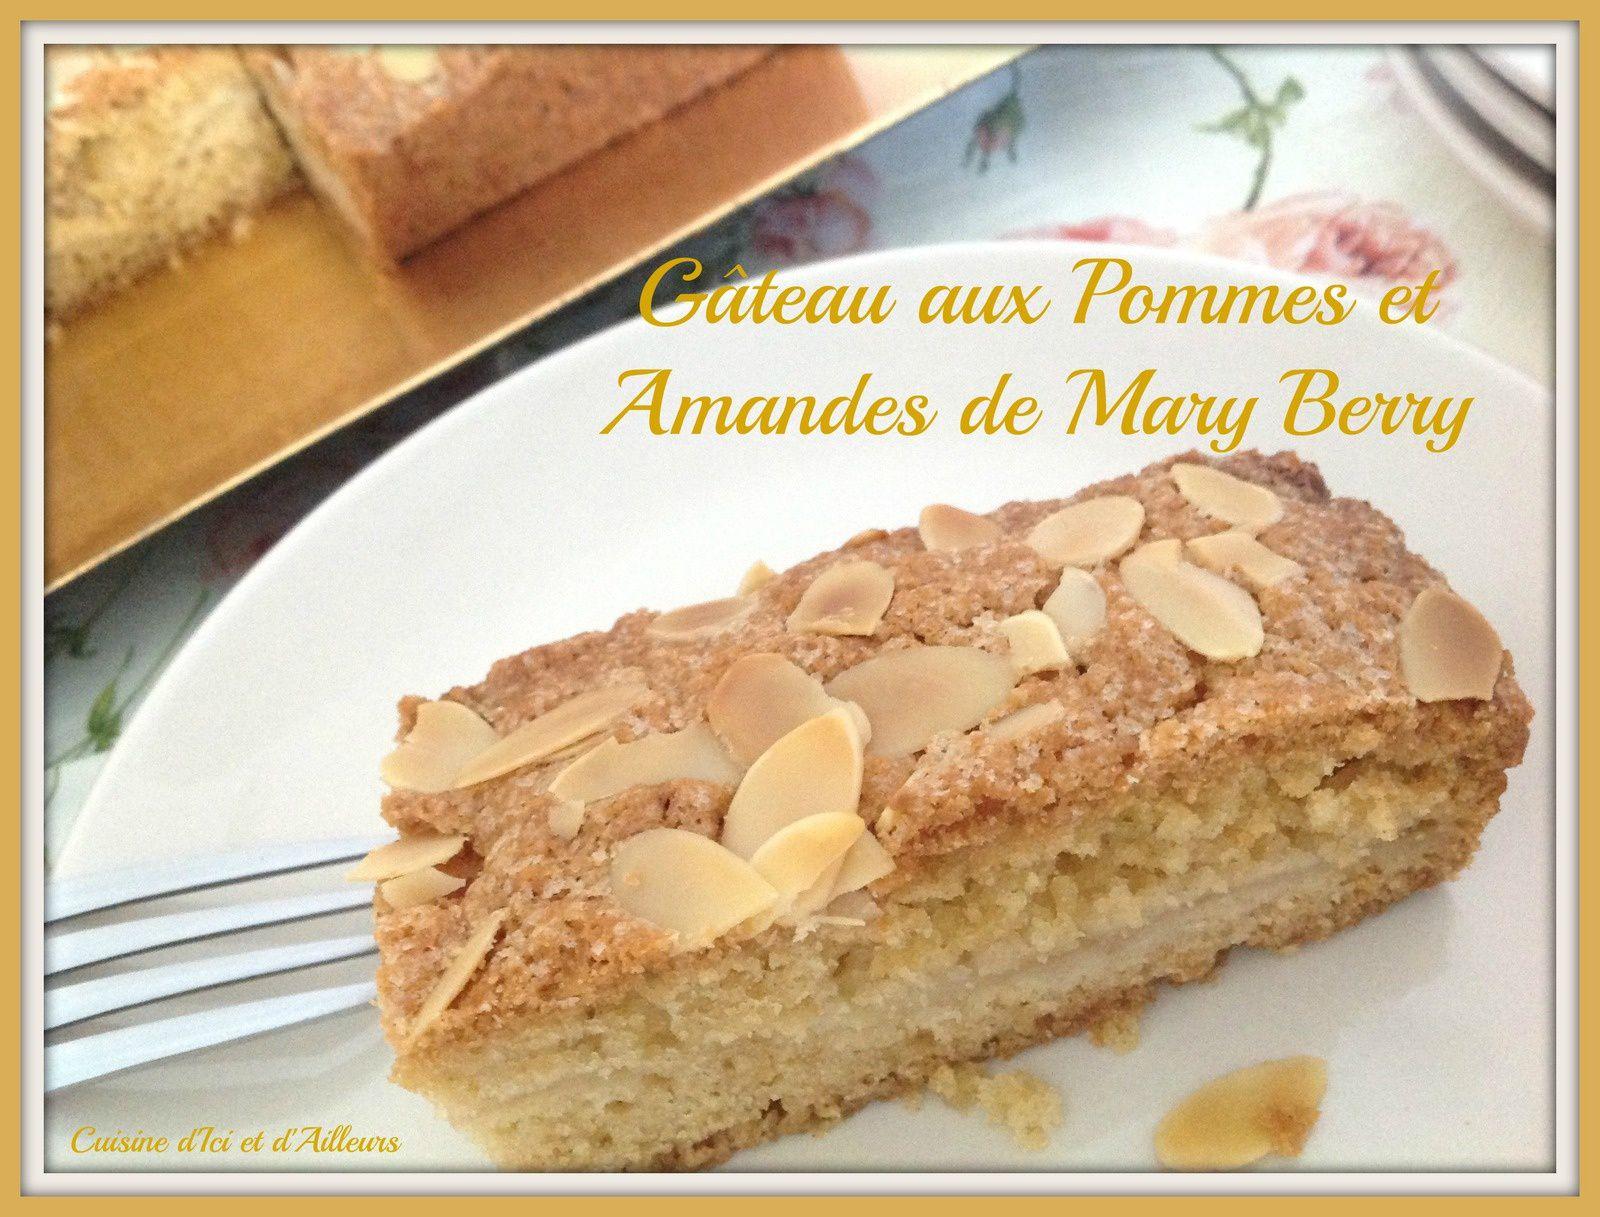 Gâteau aux Pommes et Amandes de Mary Berry